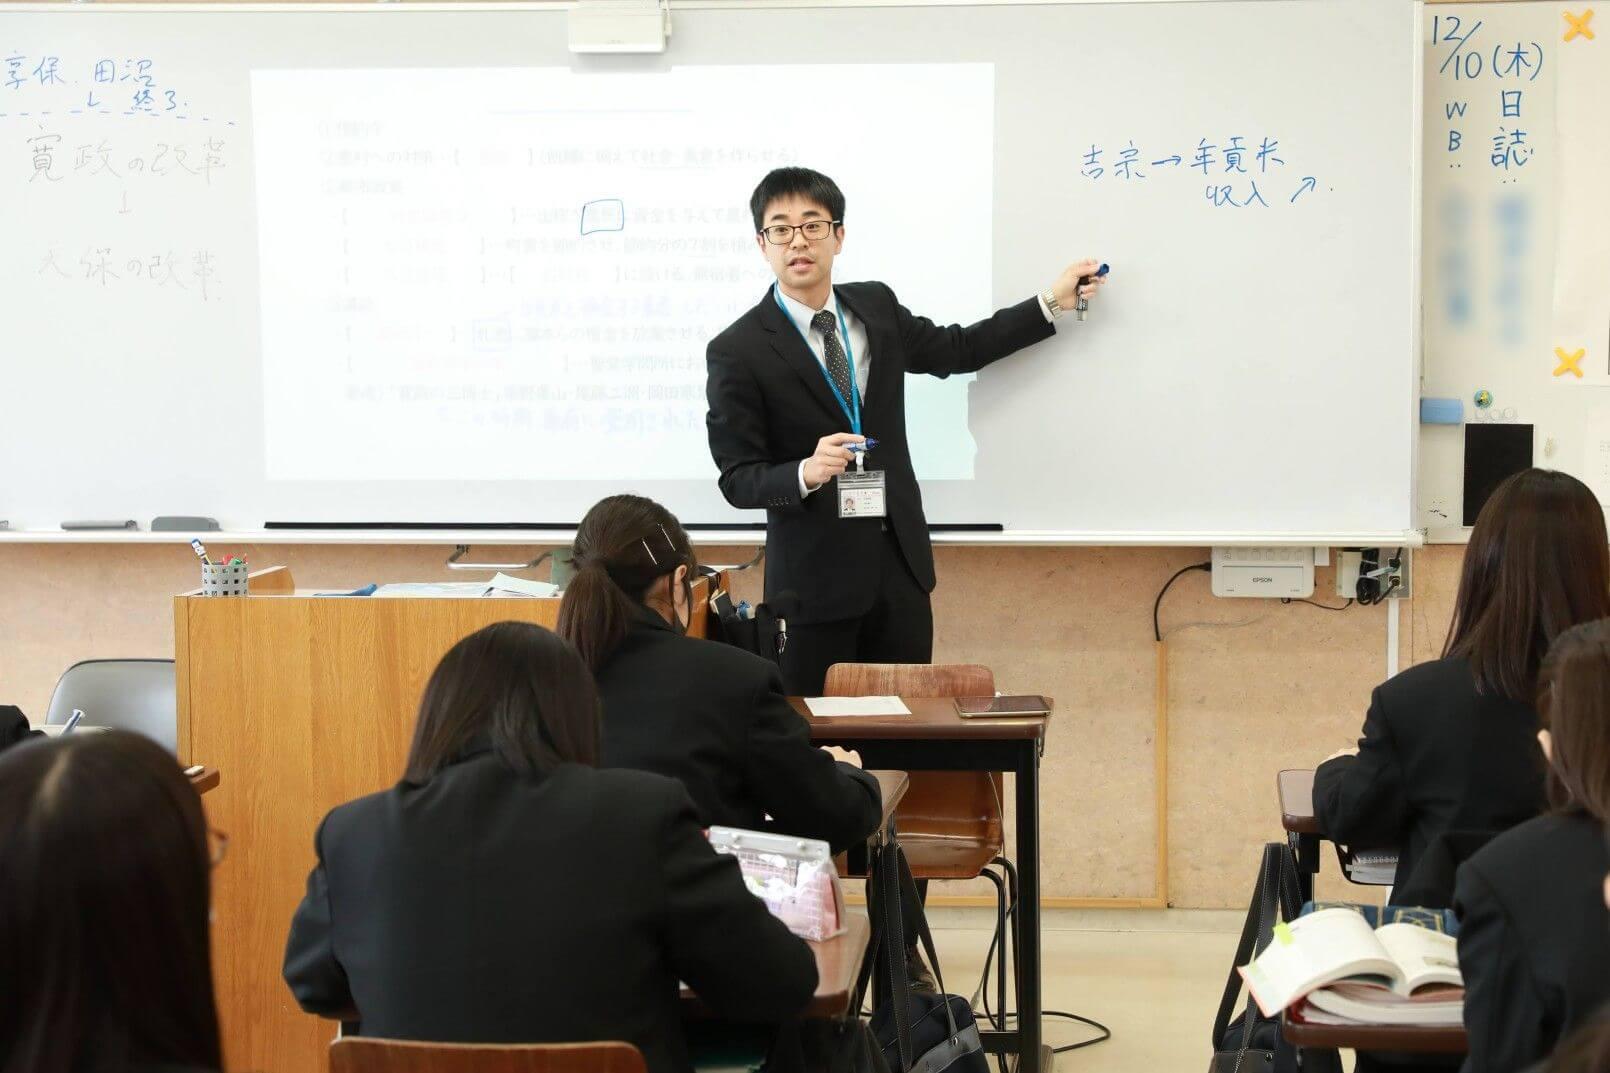 授業の様子。生徒は教科書やノートと一緒にスマホを並べ授業に臨む